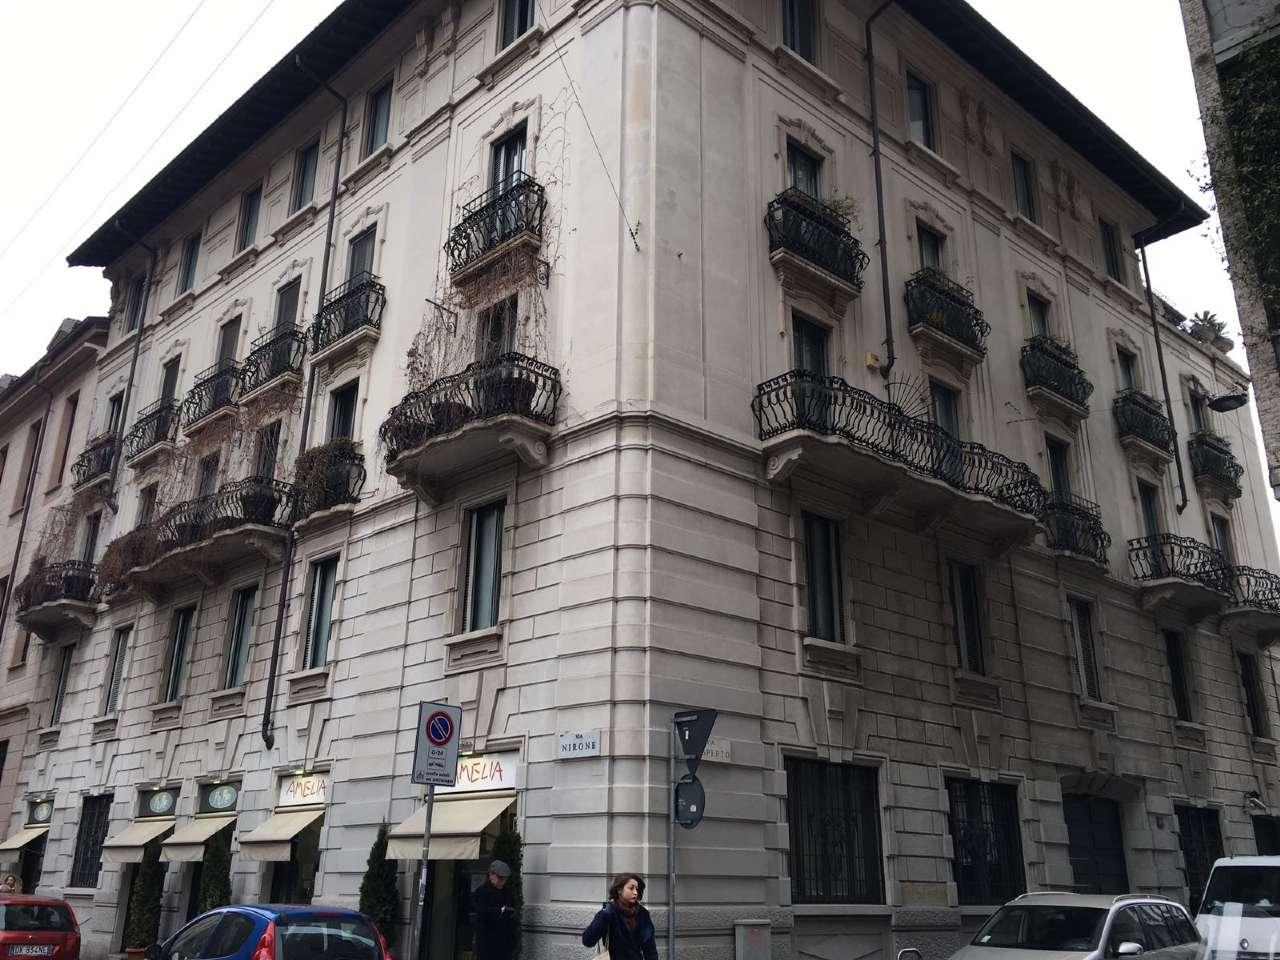 Appartamento in vendita a Milano, 3 locali, zona Zona: 1 . Centro Storico, Duomo, Brera, Cadorna, Cattolica, prezzo € 1.250.000 | Cambio Casa.it